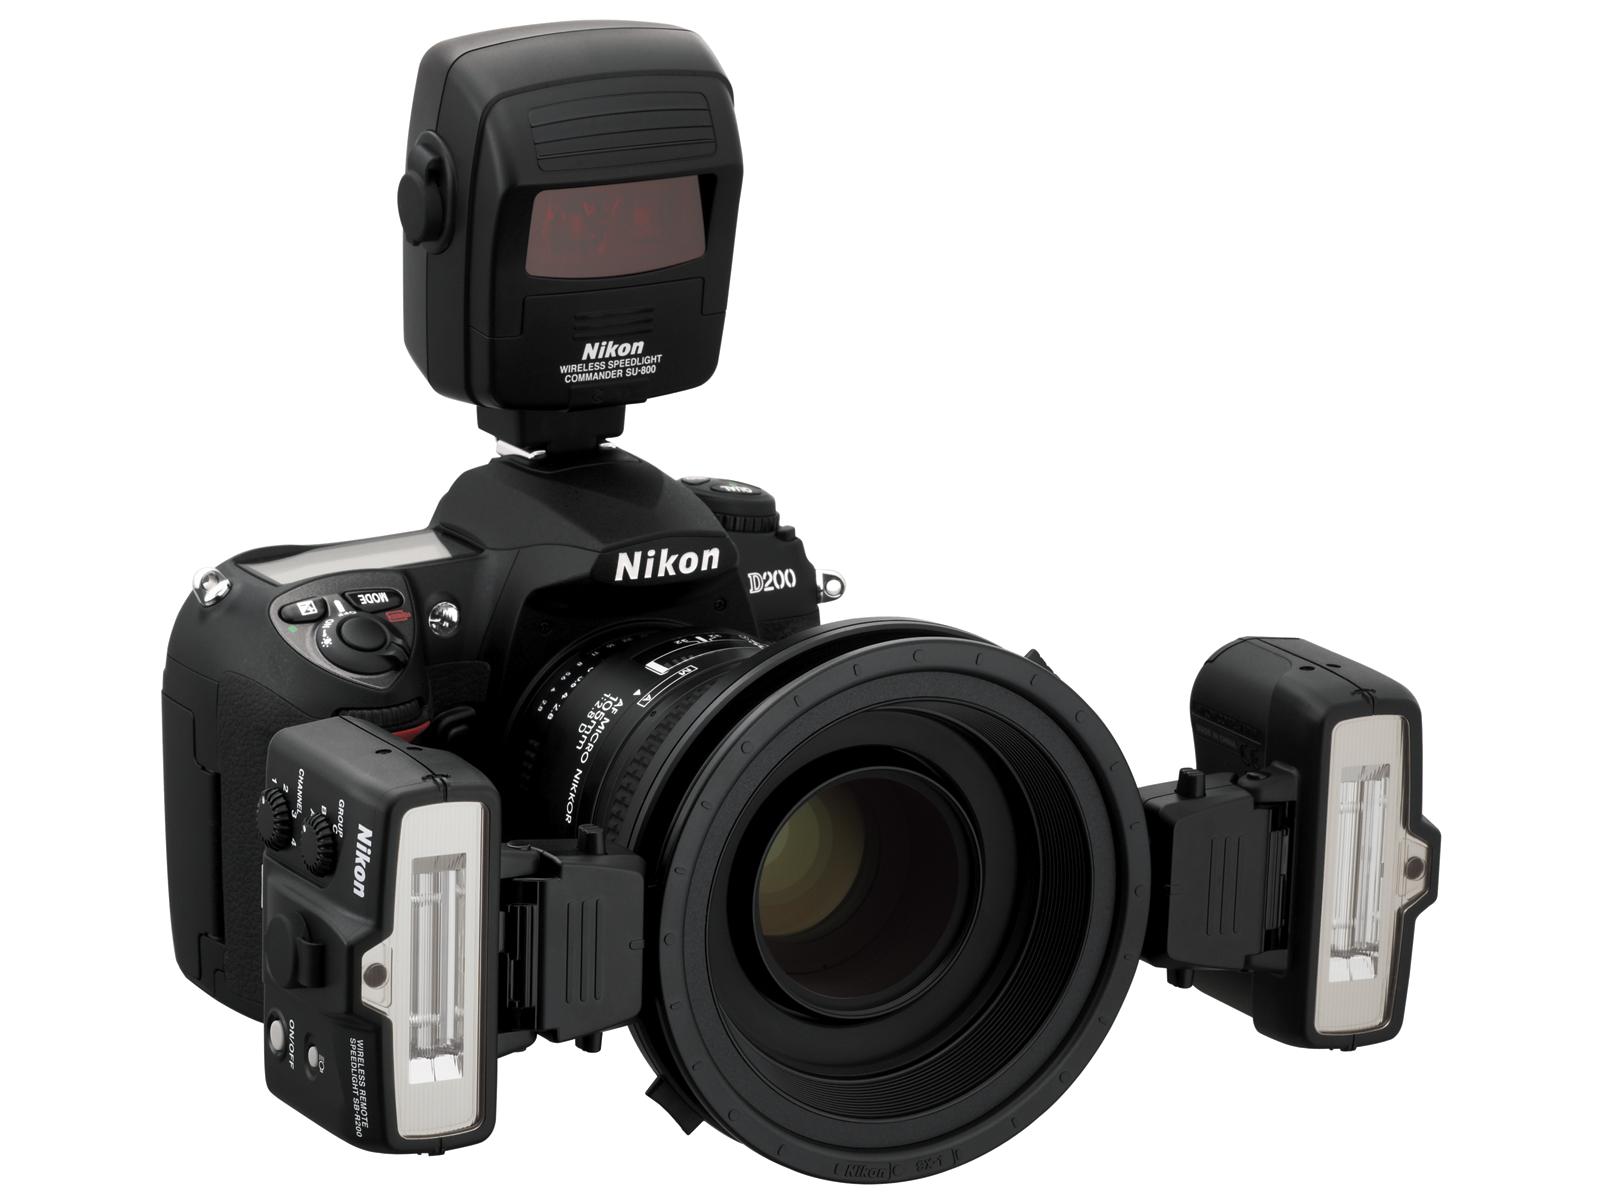 Nikon Управляющий комплект KIT R1C1Вспышки для зеркальных фотокамер Nikon<br>Уникальный набор системных беспроводных вспышек для полностью автоматической макросъемки. Этот набор состоит из двух ведомых вспышек SB-R200, устанавливаемых на объектив и управляемых при помощи беспроводного блока управления SU-800. <br> <br> Полностью автоматический TTL замер, определение экспозиции и синхронизация системы экспозамера фотокамеры и ведомых вспышек при помощи инфракрасного излучения. Набор включает в себя адаптеры для фронтального освещения при супермакро съемке, фильтры и переходные кольца для наиболее популярных диаметров резьбового крепления объективов Nikkor. <br> <br> Могут добавляться дополнительные вспышки SB-R200, или SB-800, или SB-600 для получения дополнительных возможностей и эффектов освещения, требуемых в конкетной ситуации съемки.